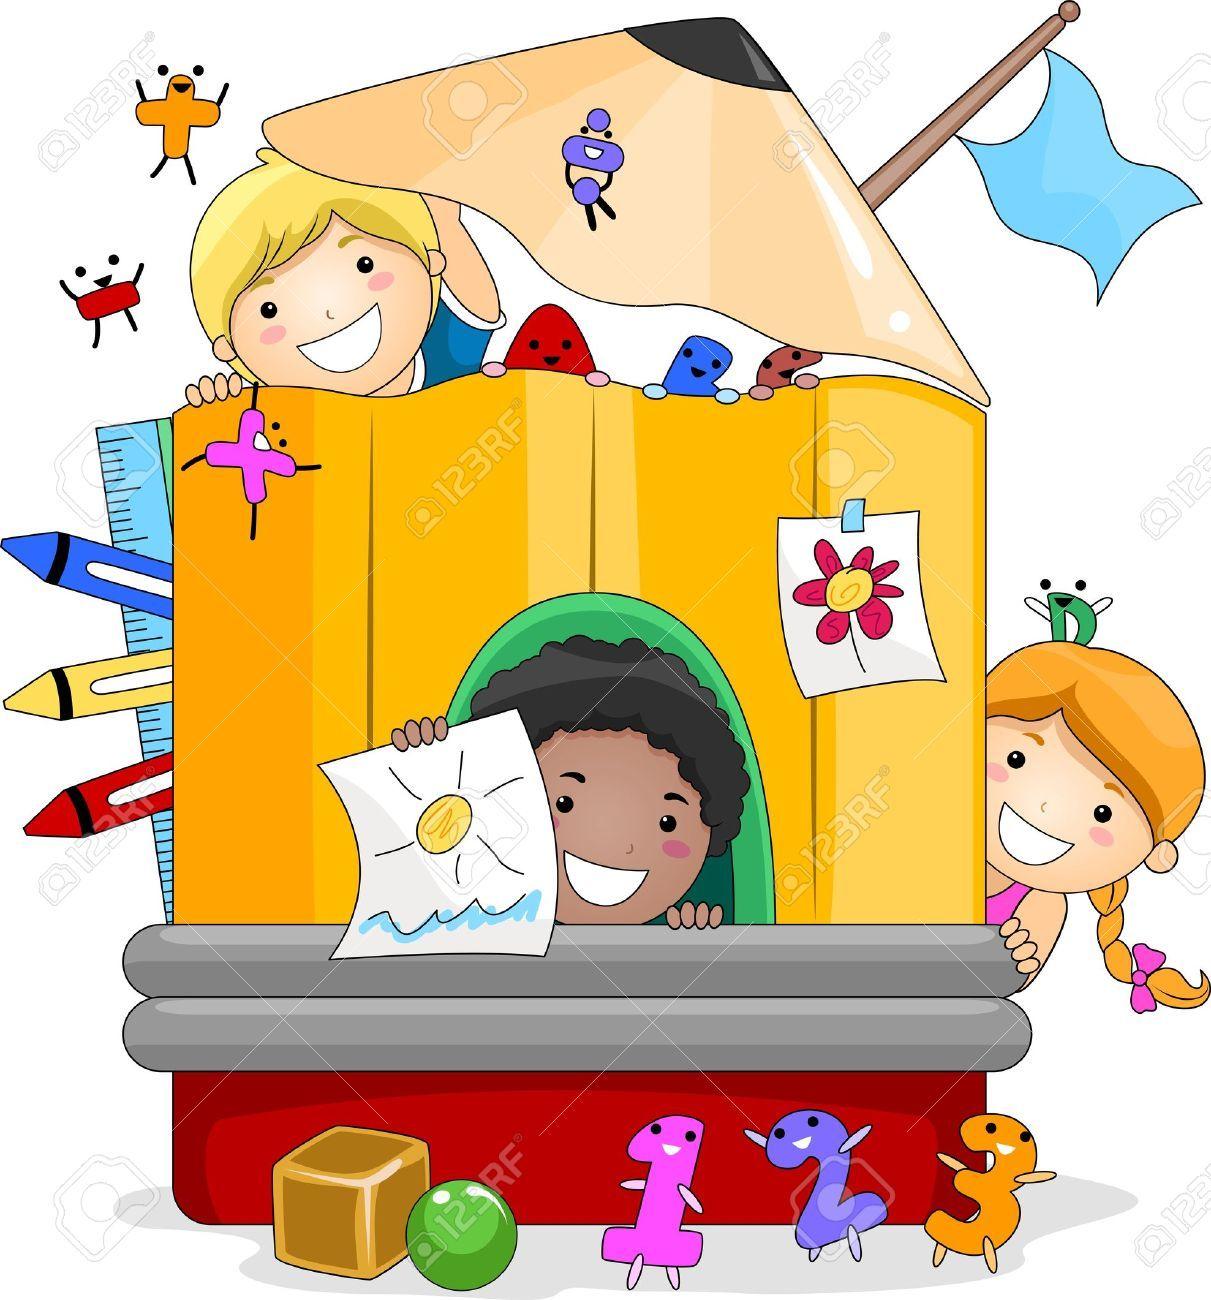 Dibujos ni os escuela buscar con google nenas y nenes - Ninos en clase dibujo ...